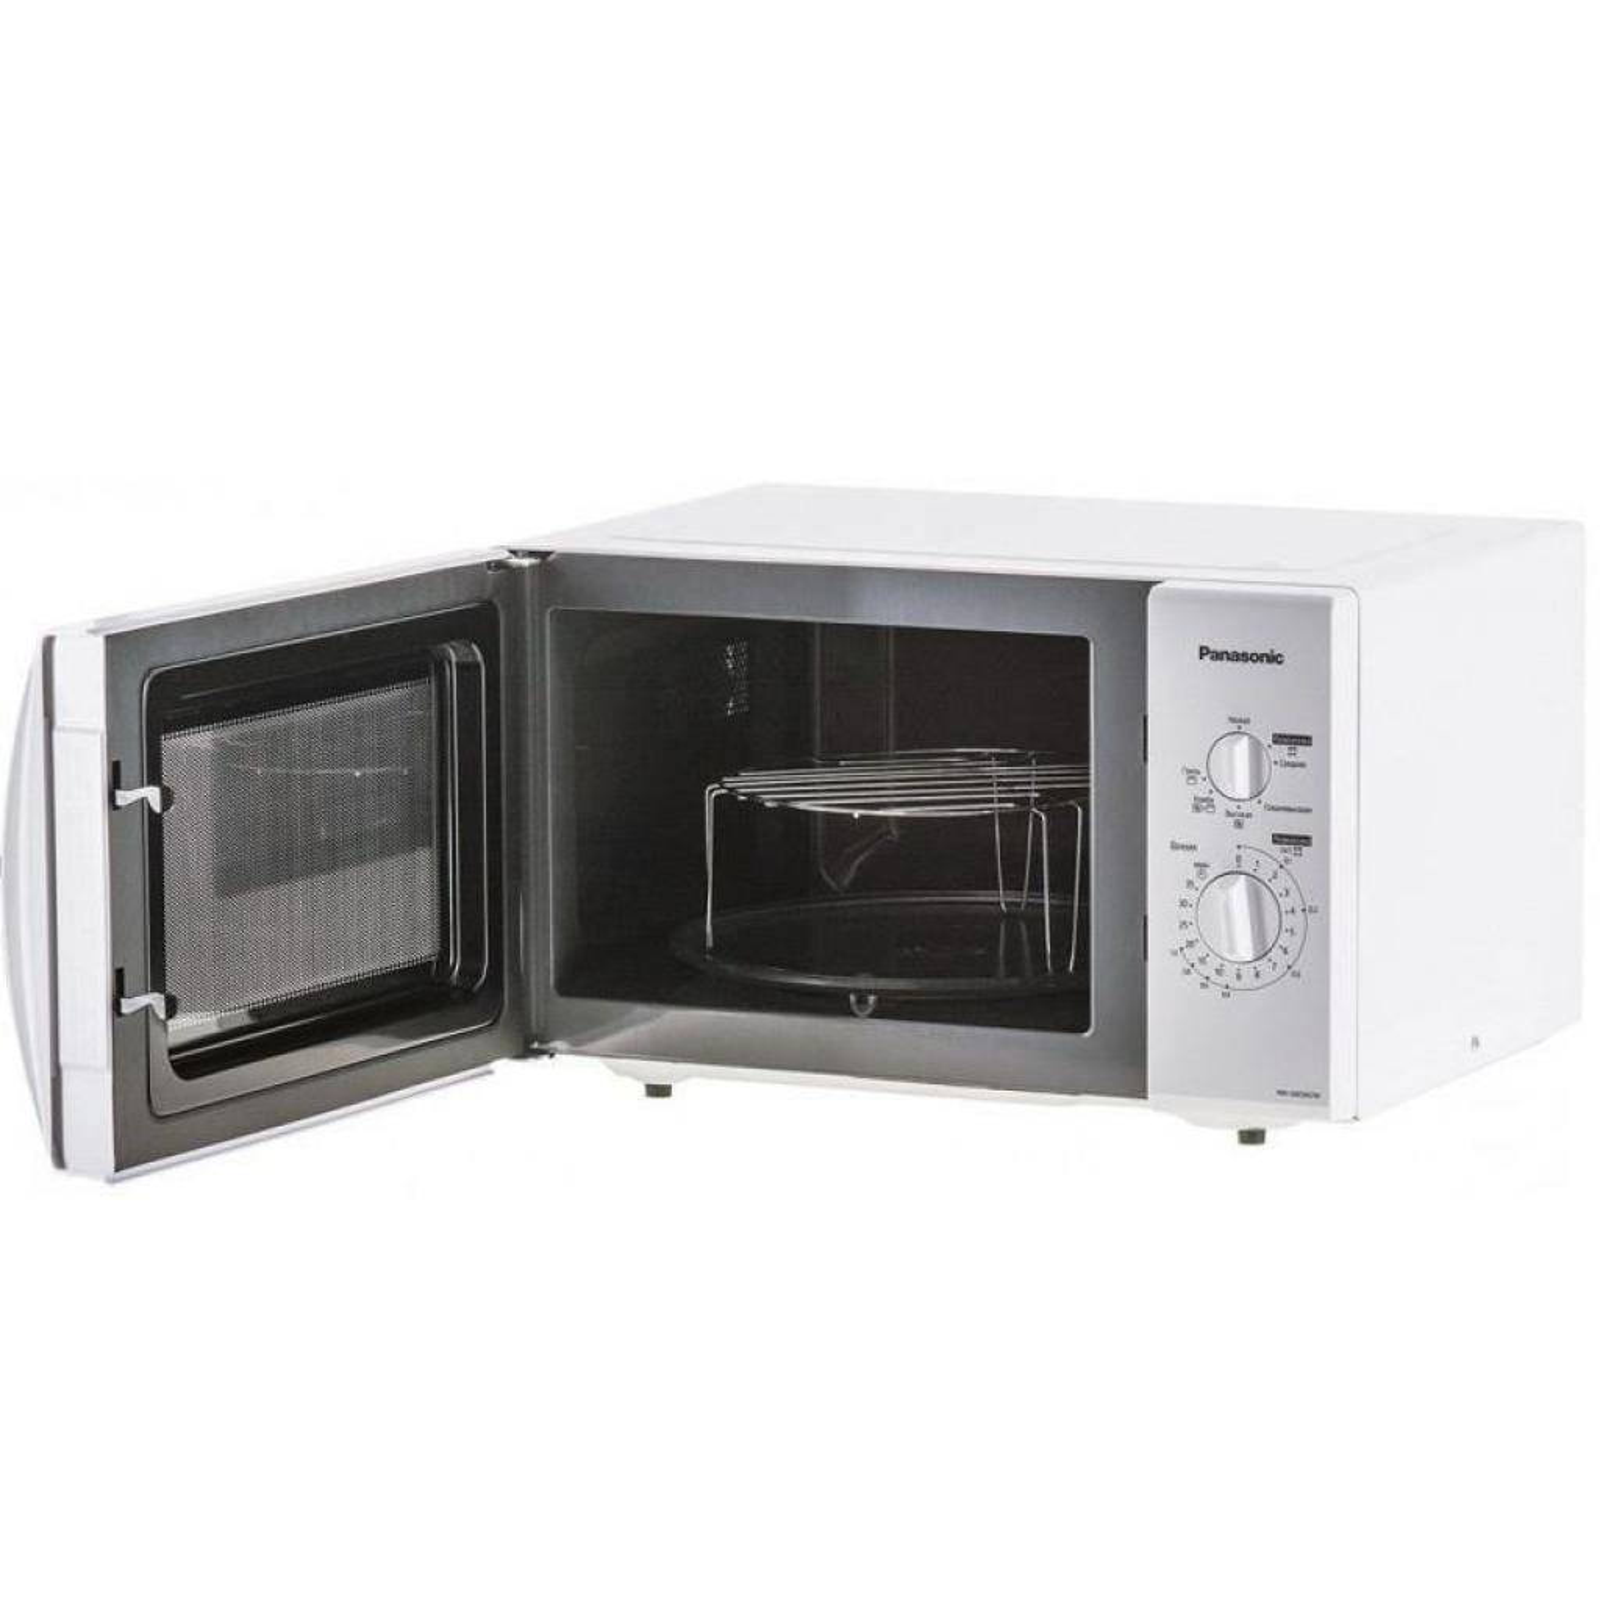 Микроволновая печь PANASONIC NN-GM342WZTE изображение 3